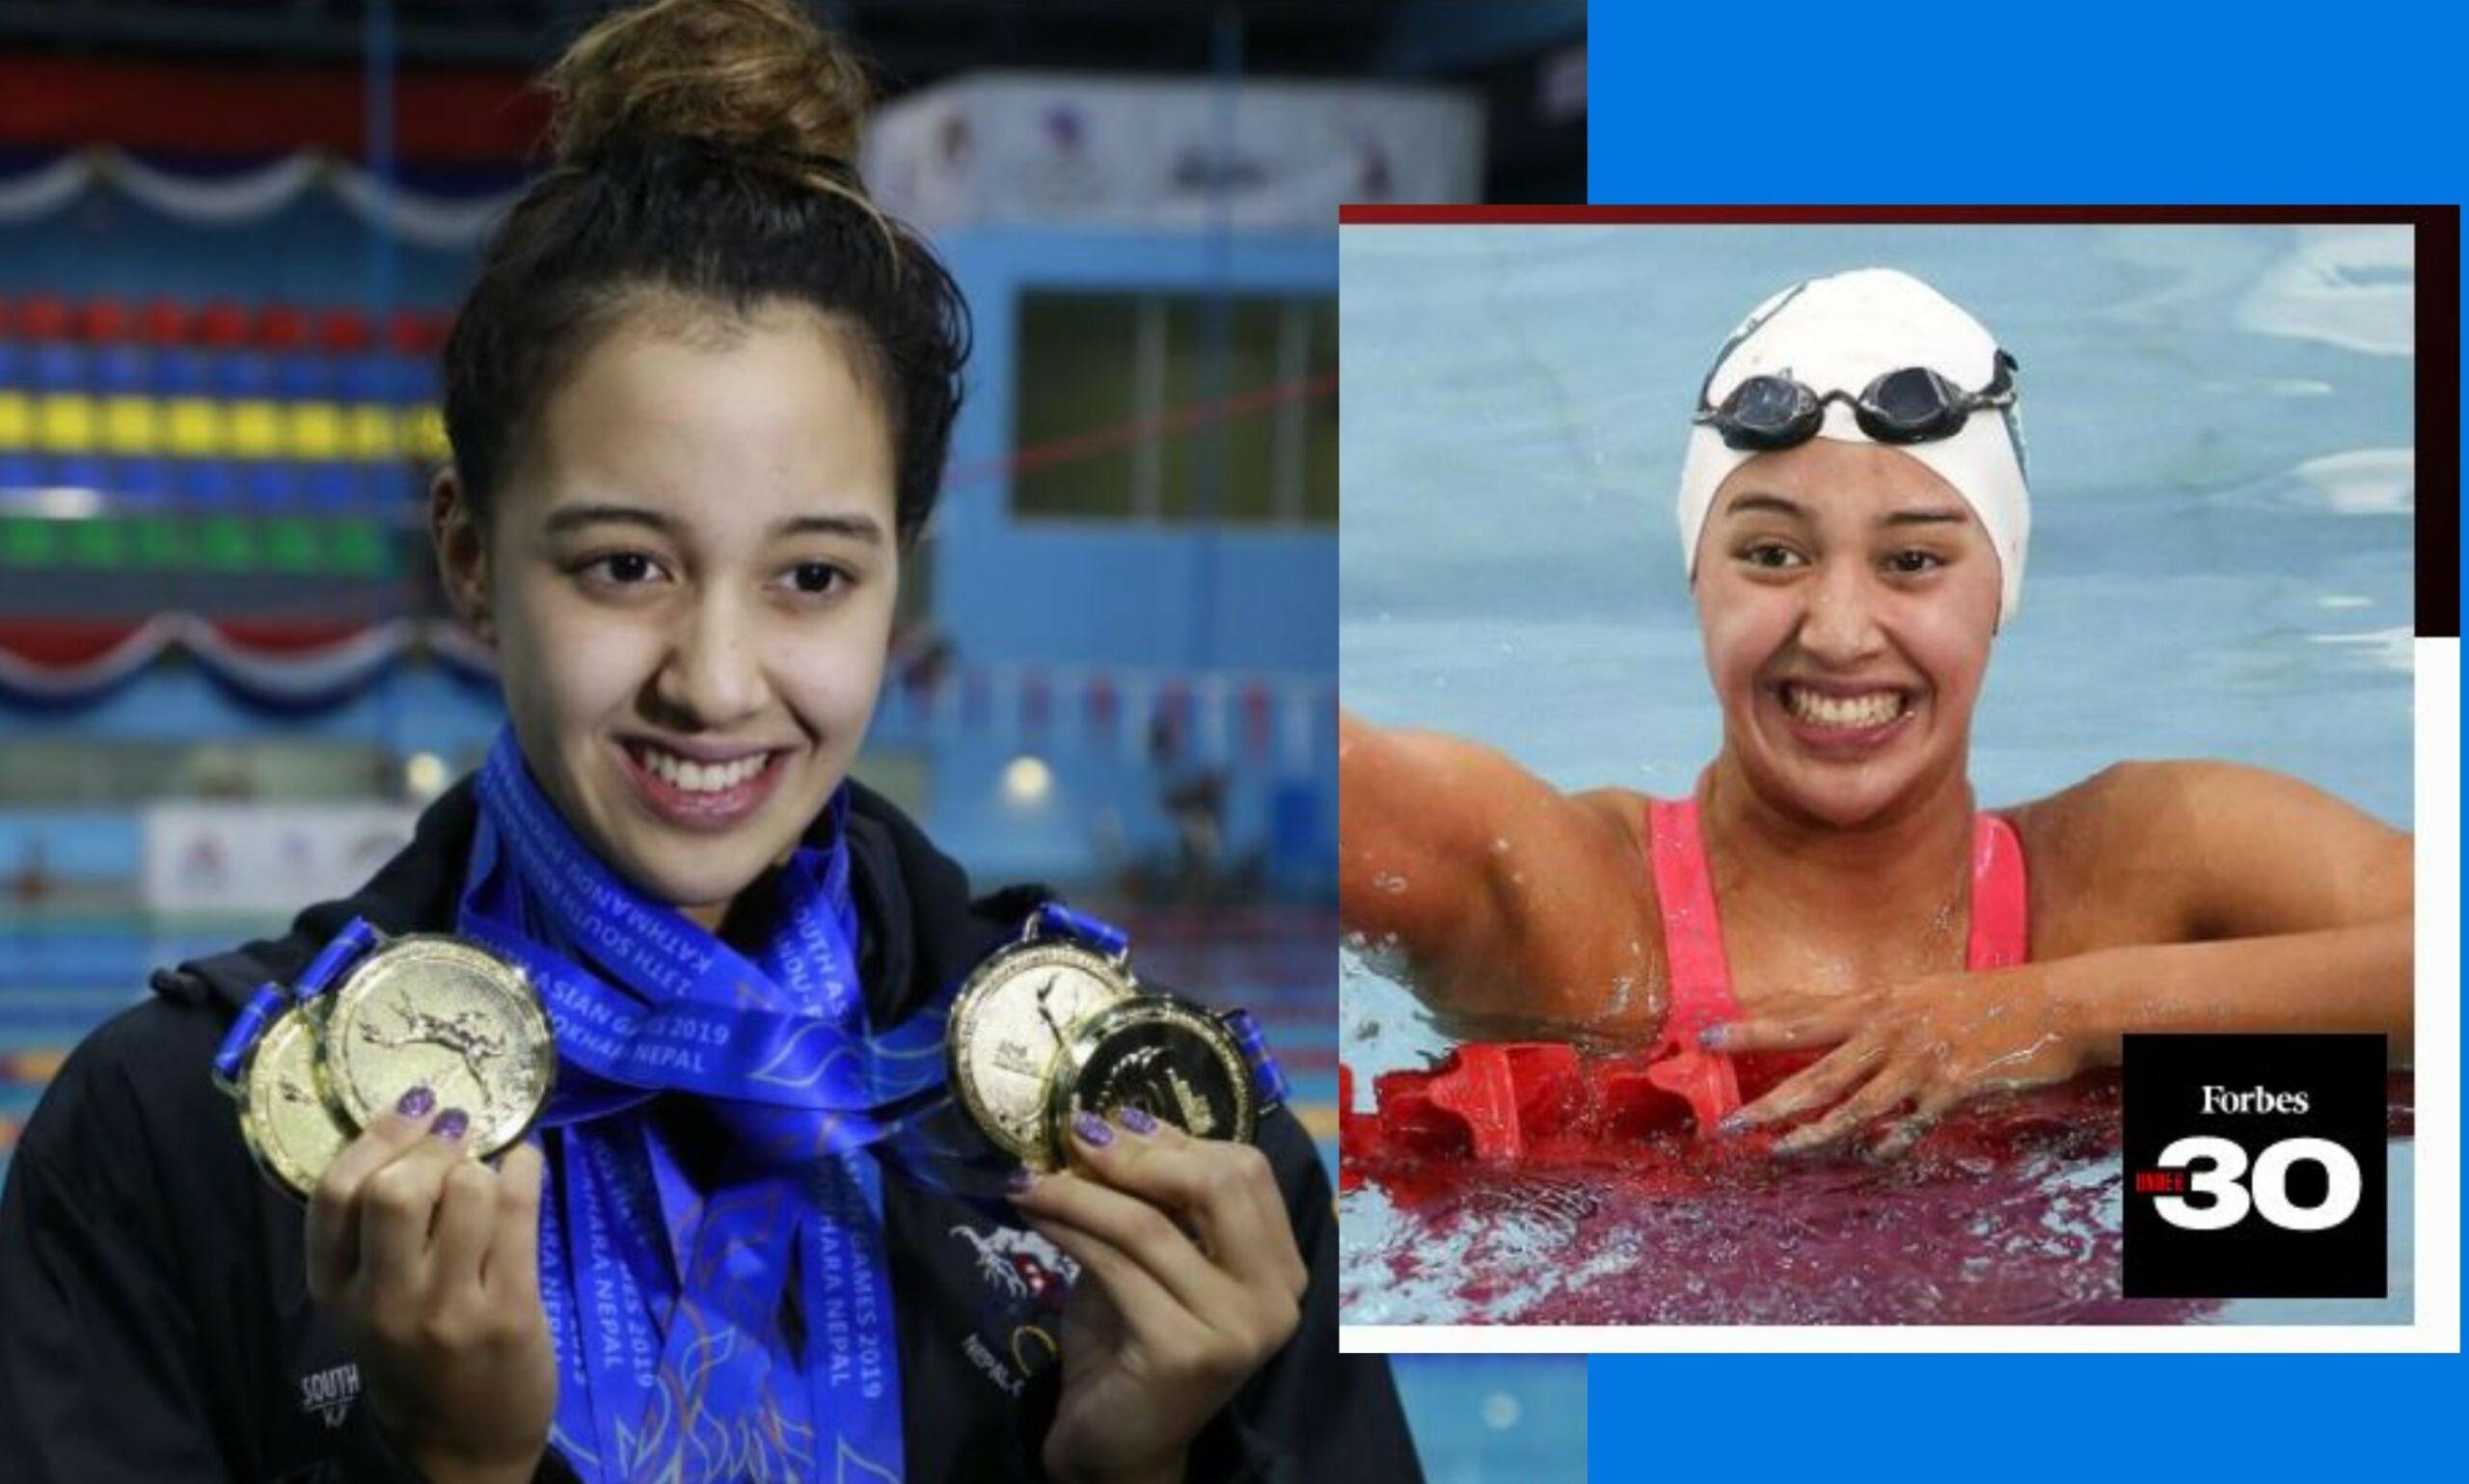 टोकियो ओलम्पिक : गौरिकाले आज प्रतिस्पर्धा गर्दै